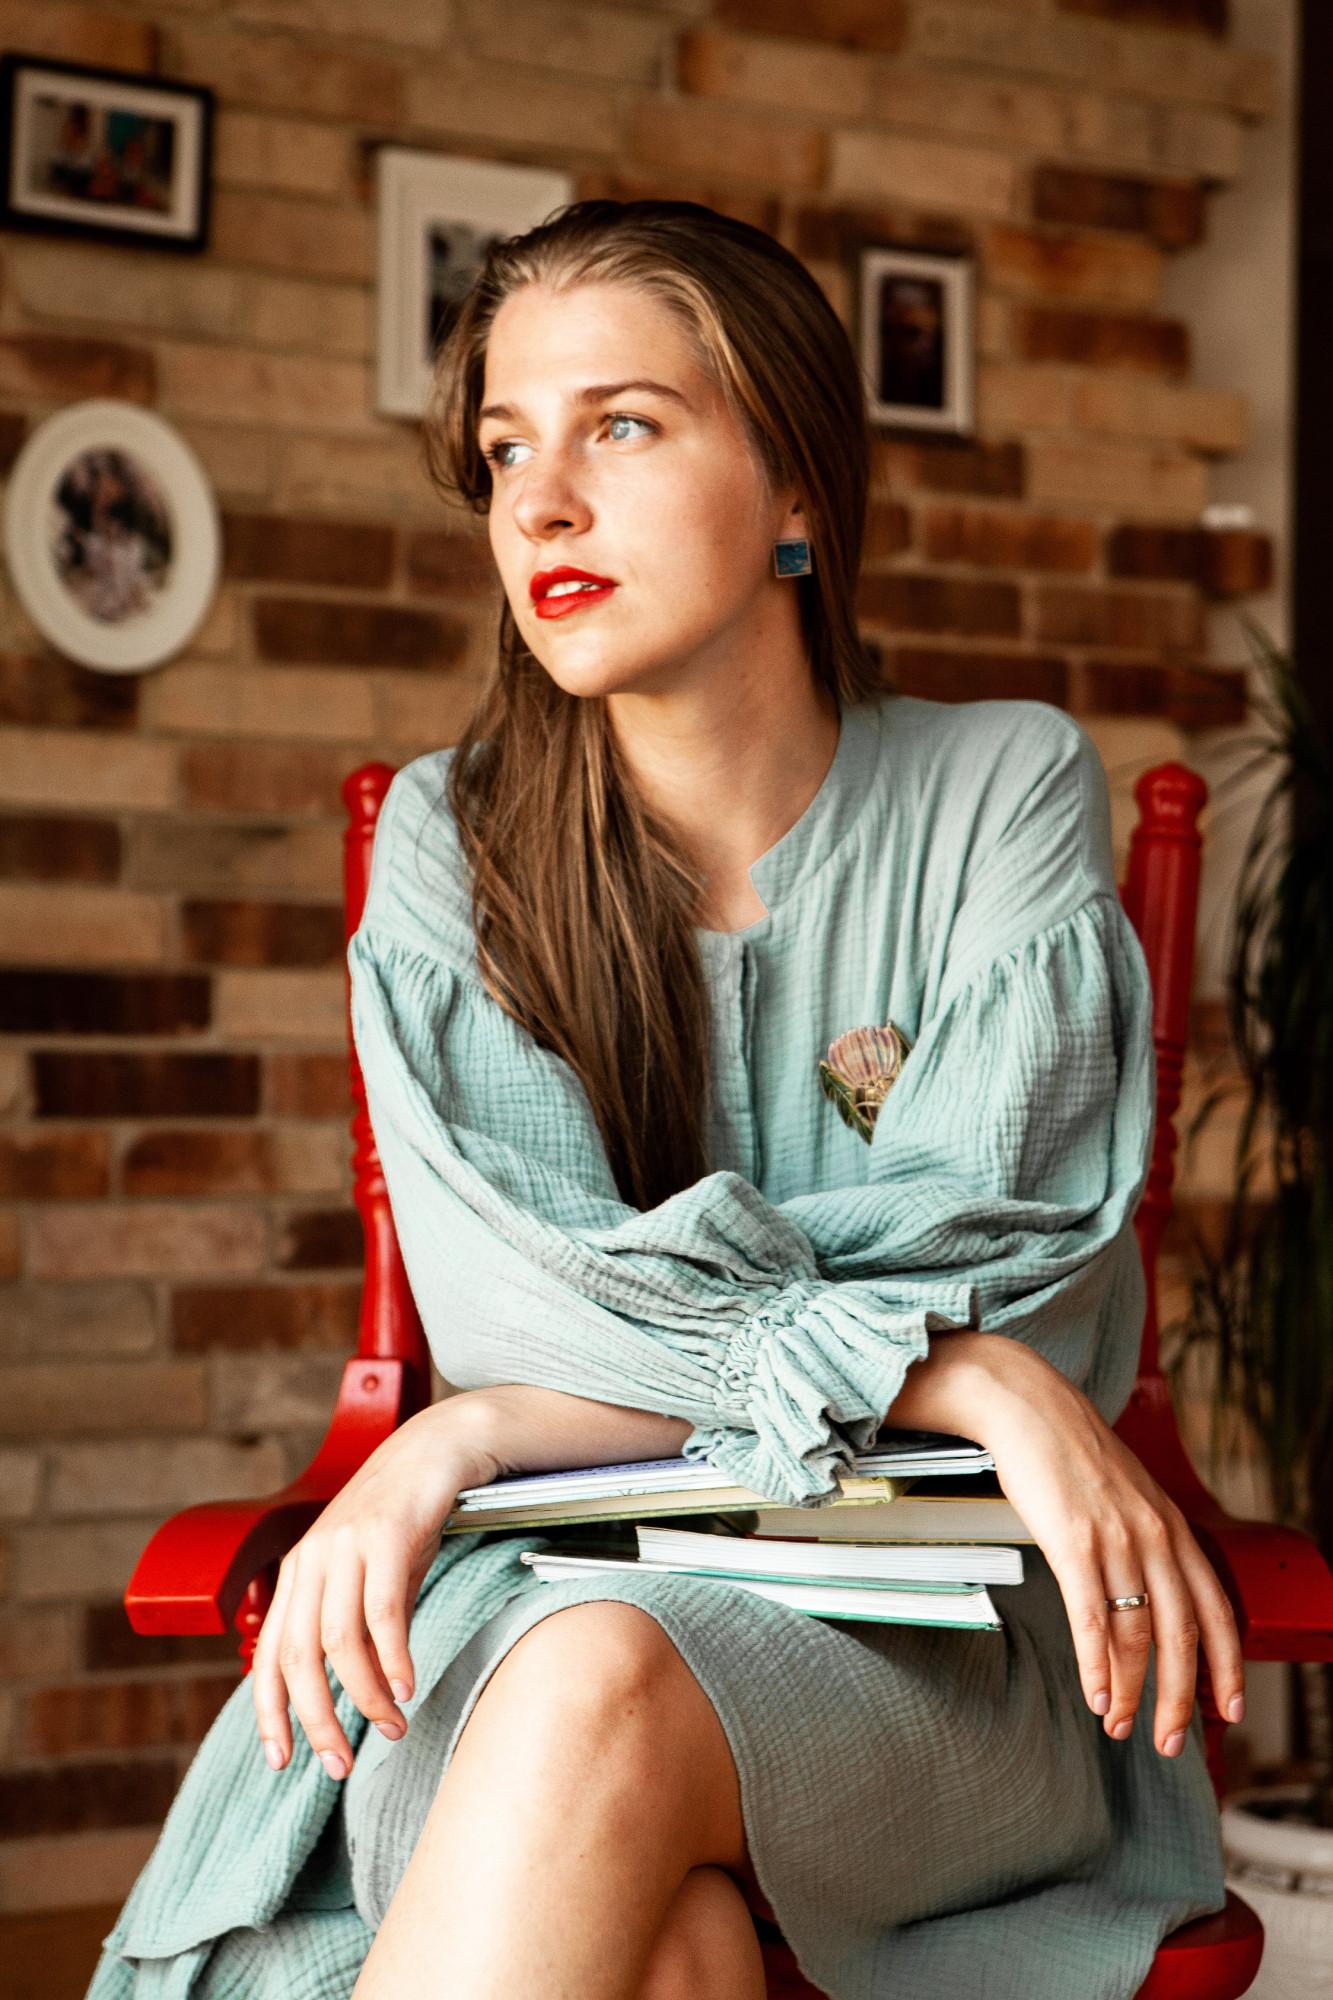 Мария Подковырова - режиссер и преподаватель актерского мастерства для детей и подростков. И автор статьи.